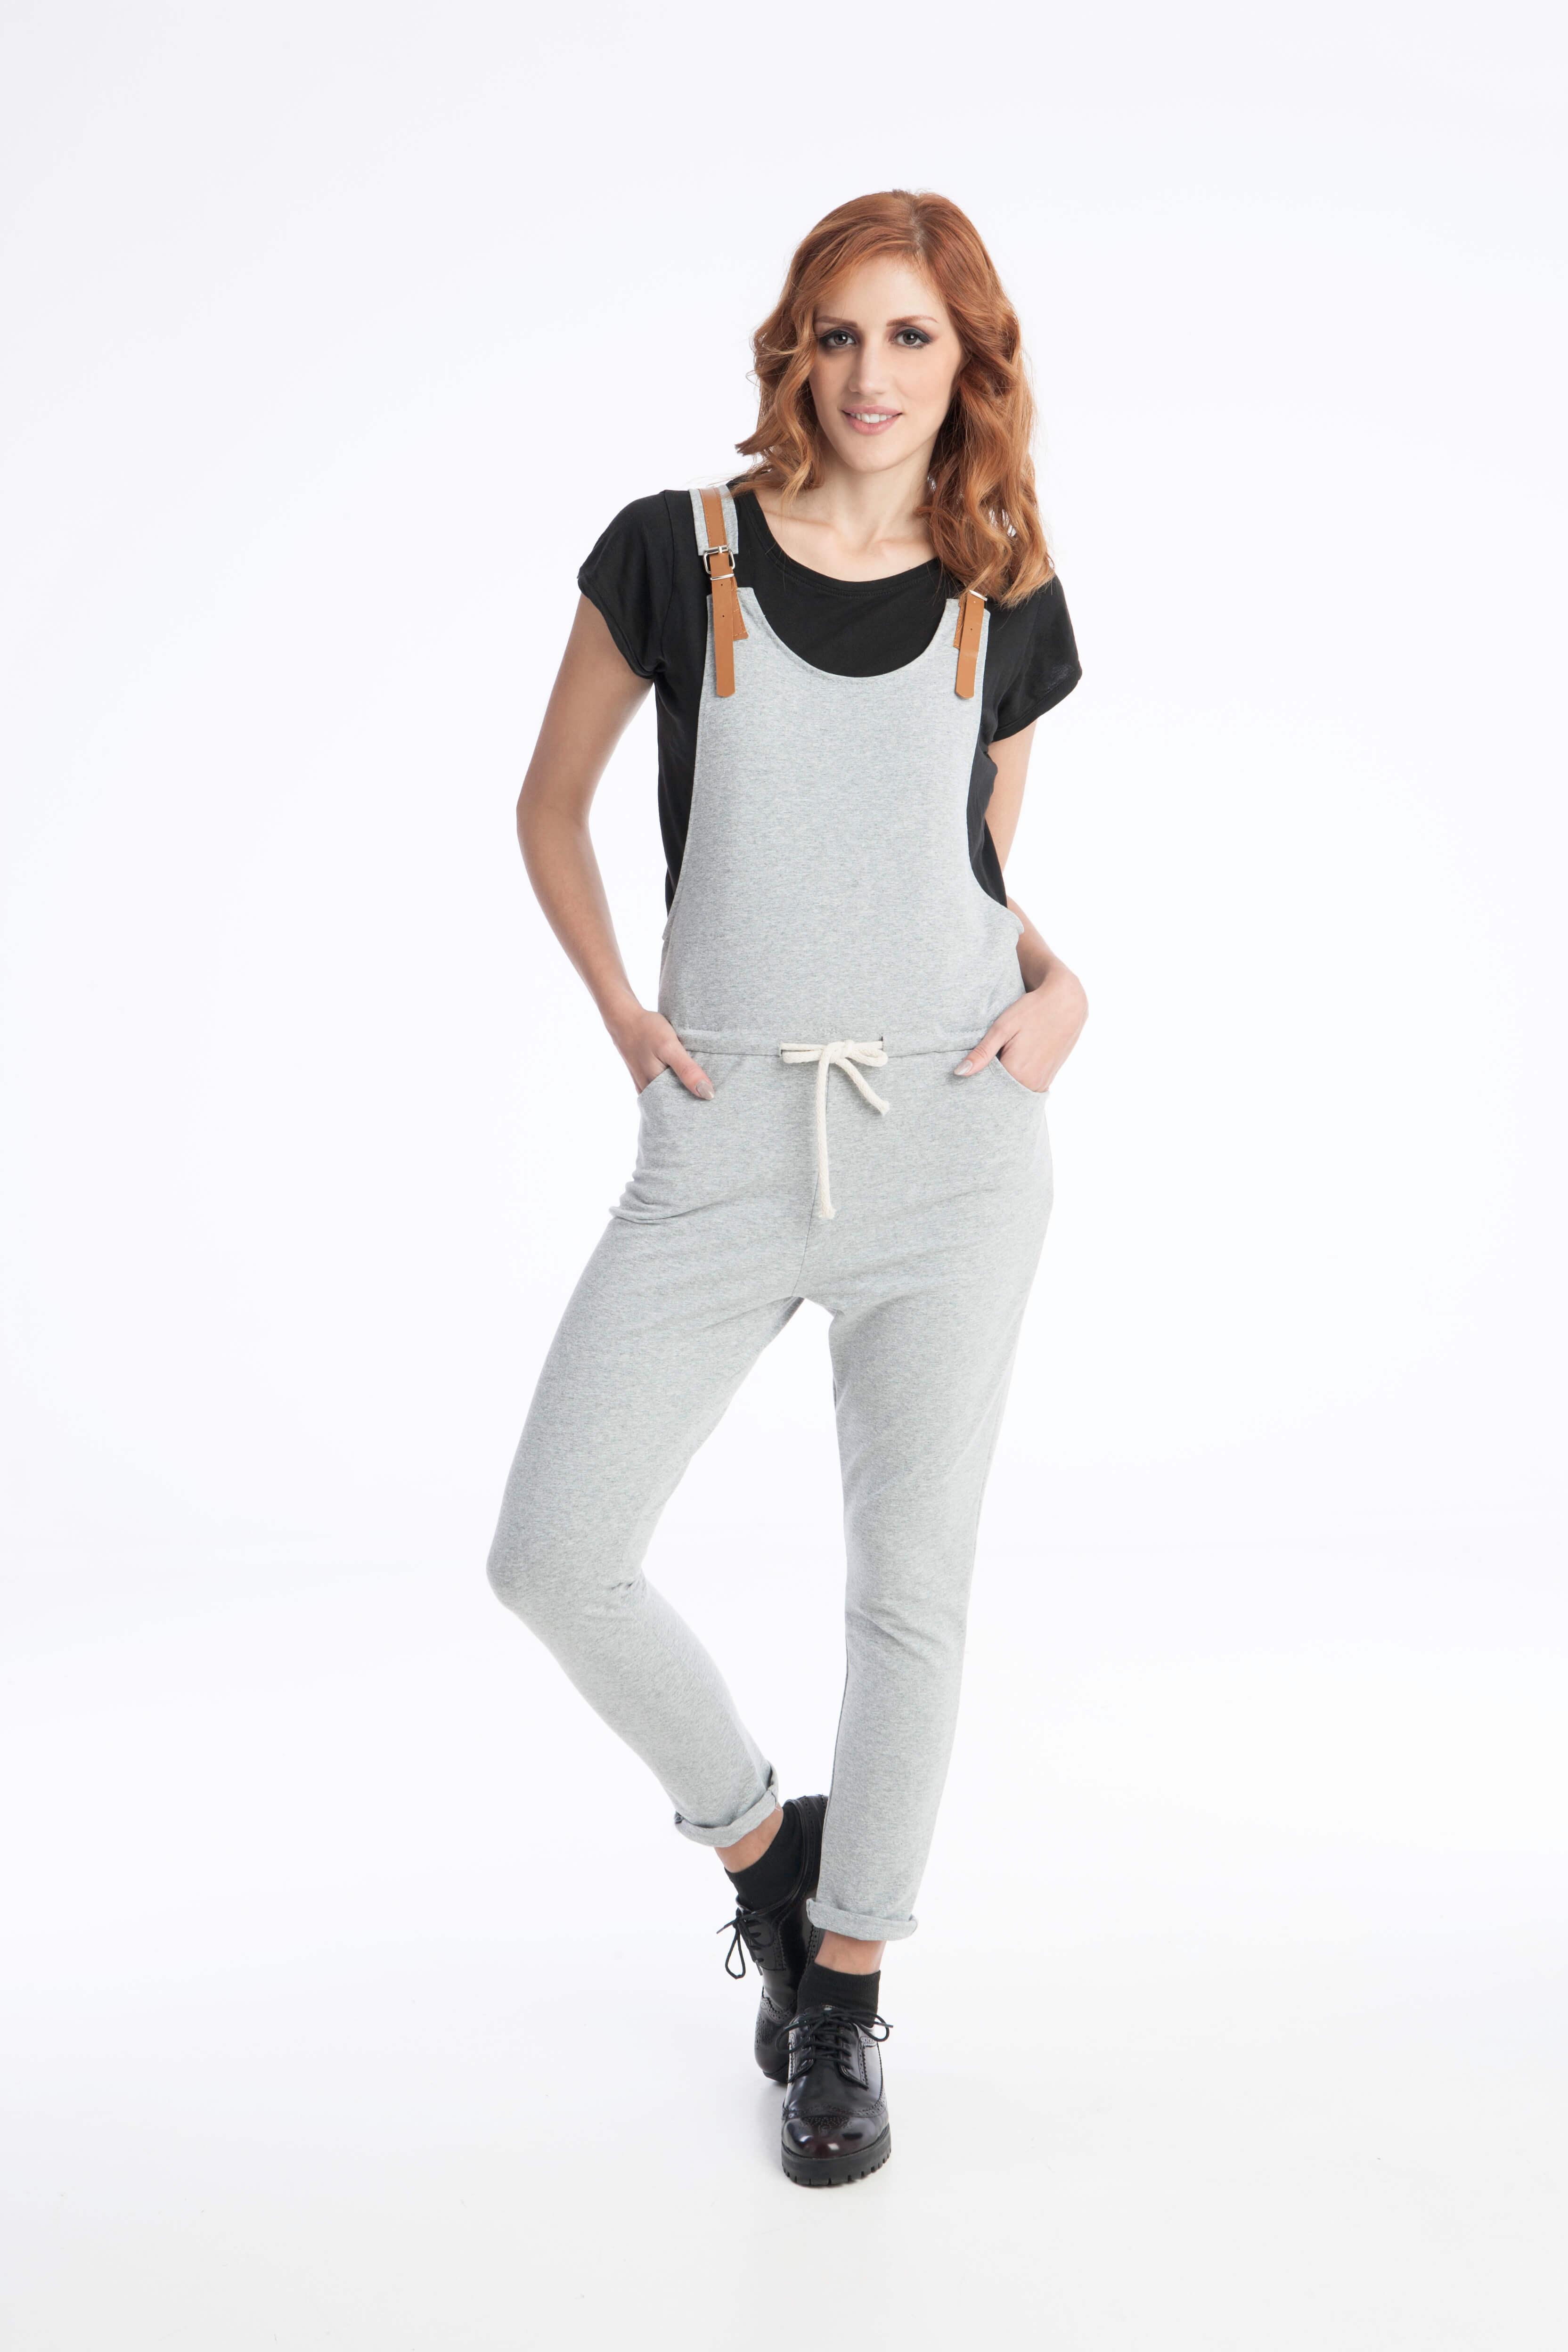 Γυναικεία Ολόσωμη Φόρμα με Δερμάτινες Τιράντες - Prestige Fashion 56fcdd7070a